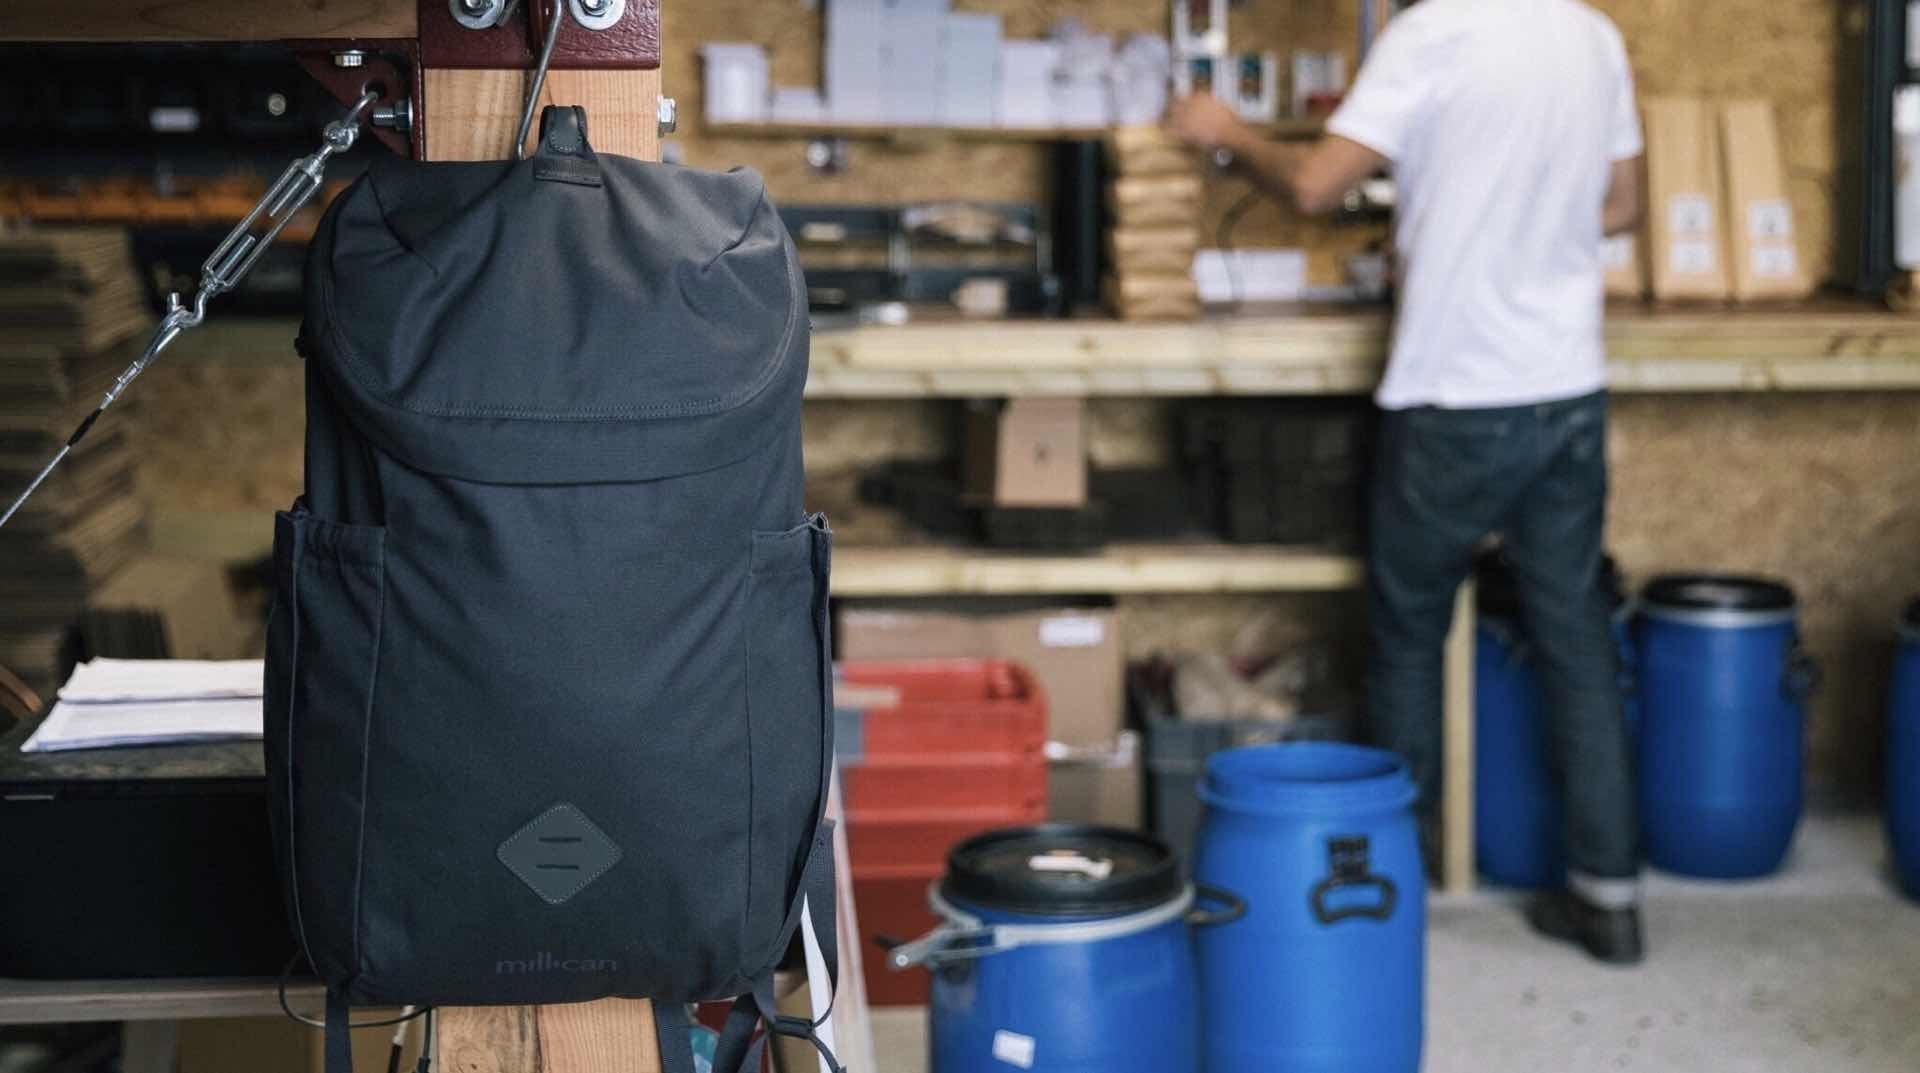 millican-oli-the-zip-pack-backpack-slate